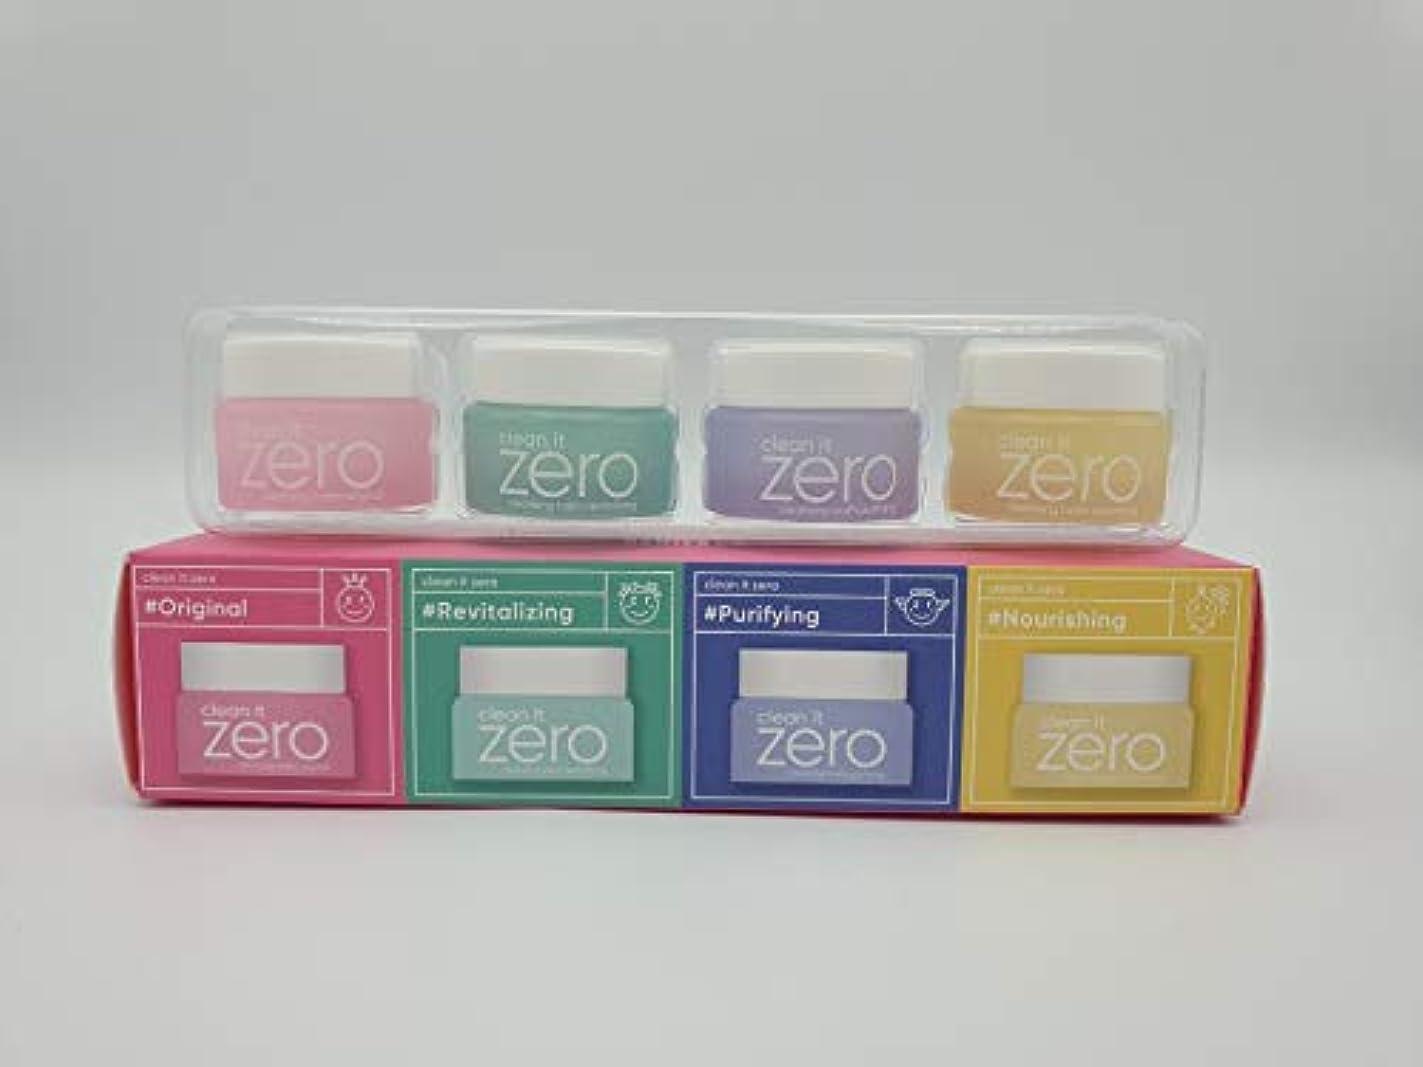 保全離れた部族BANILA CO Clean It Zero Special Kit (7ml×4items)/バニラコ クリーン イット ゼロ スペシャル キット (7ml×4種) [並行輸入品]